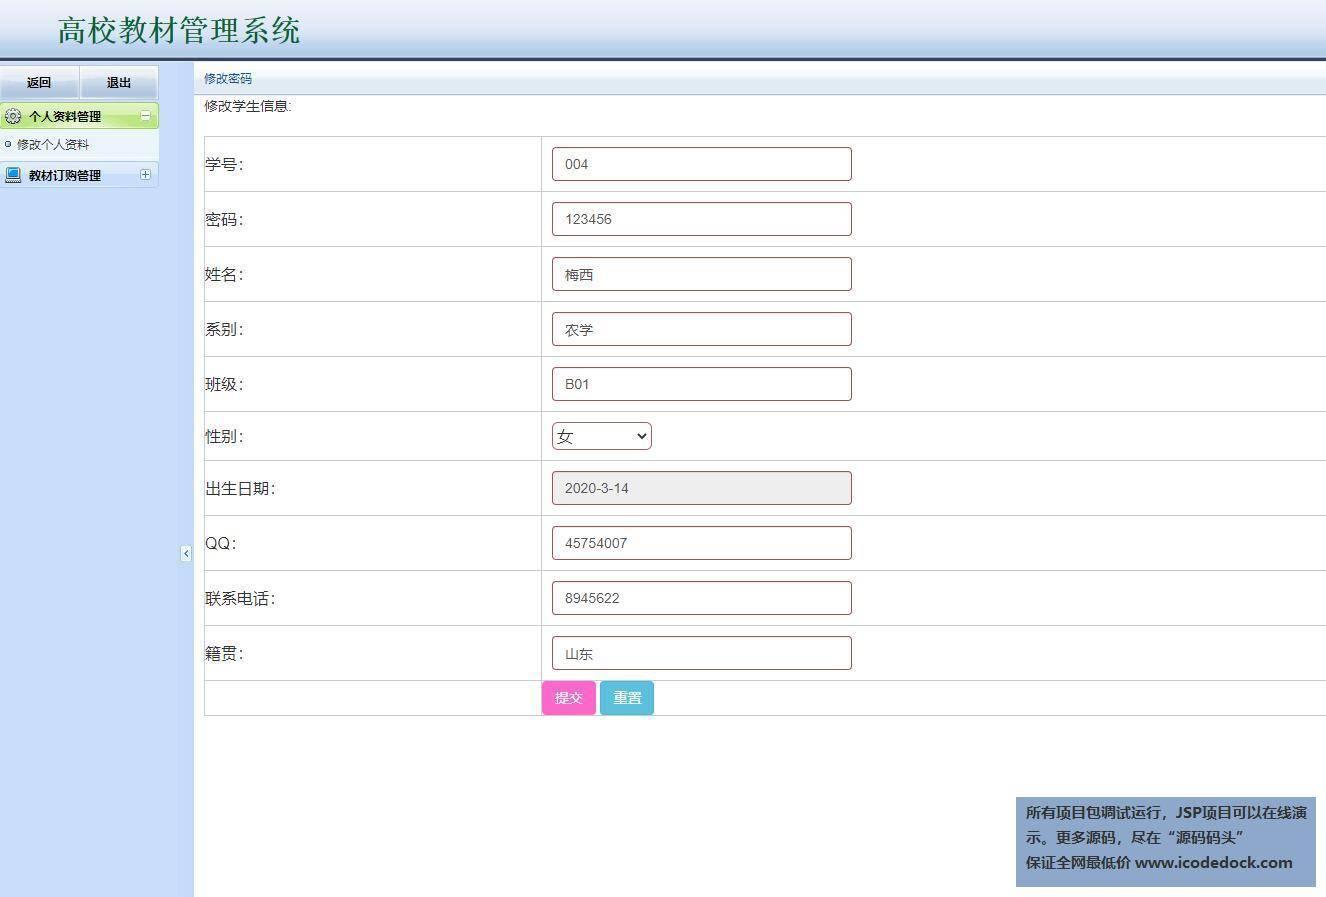 源码码头-JSP高校教材平台网站管理系统-学生角色-修改个人资料